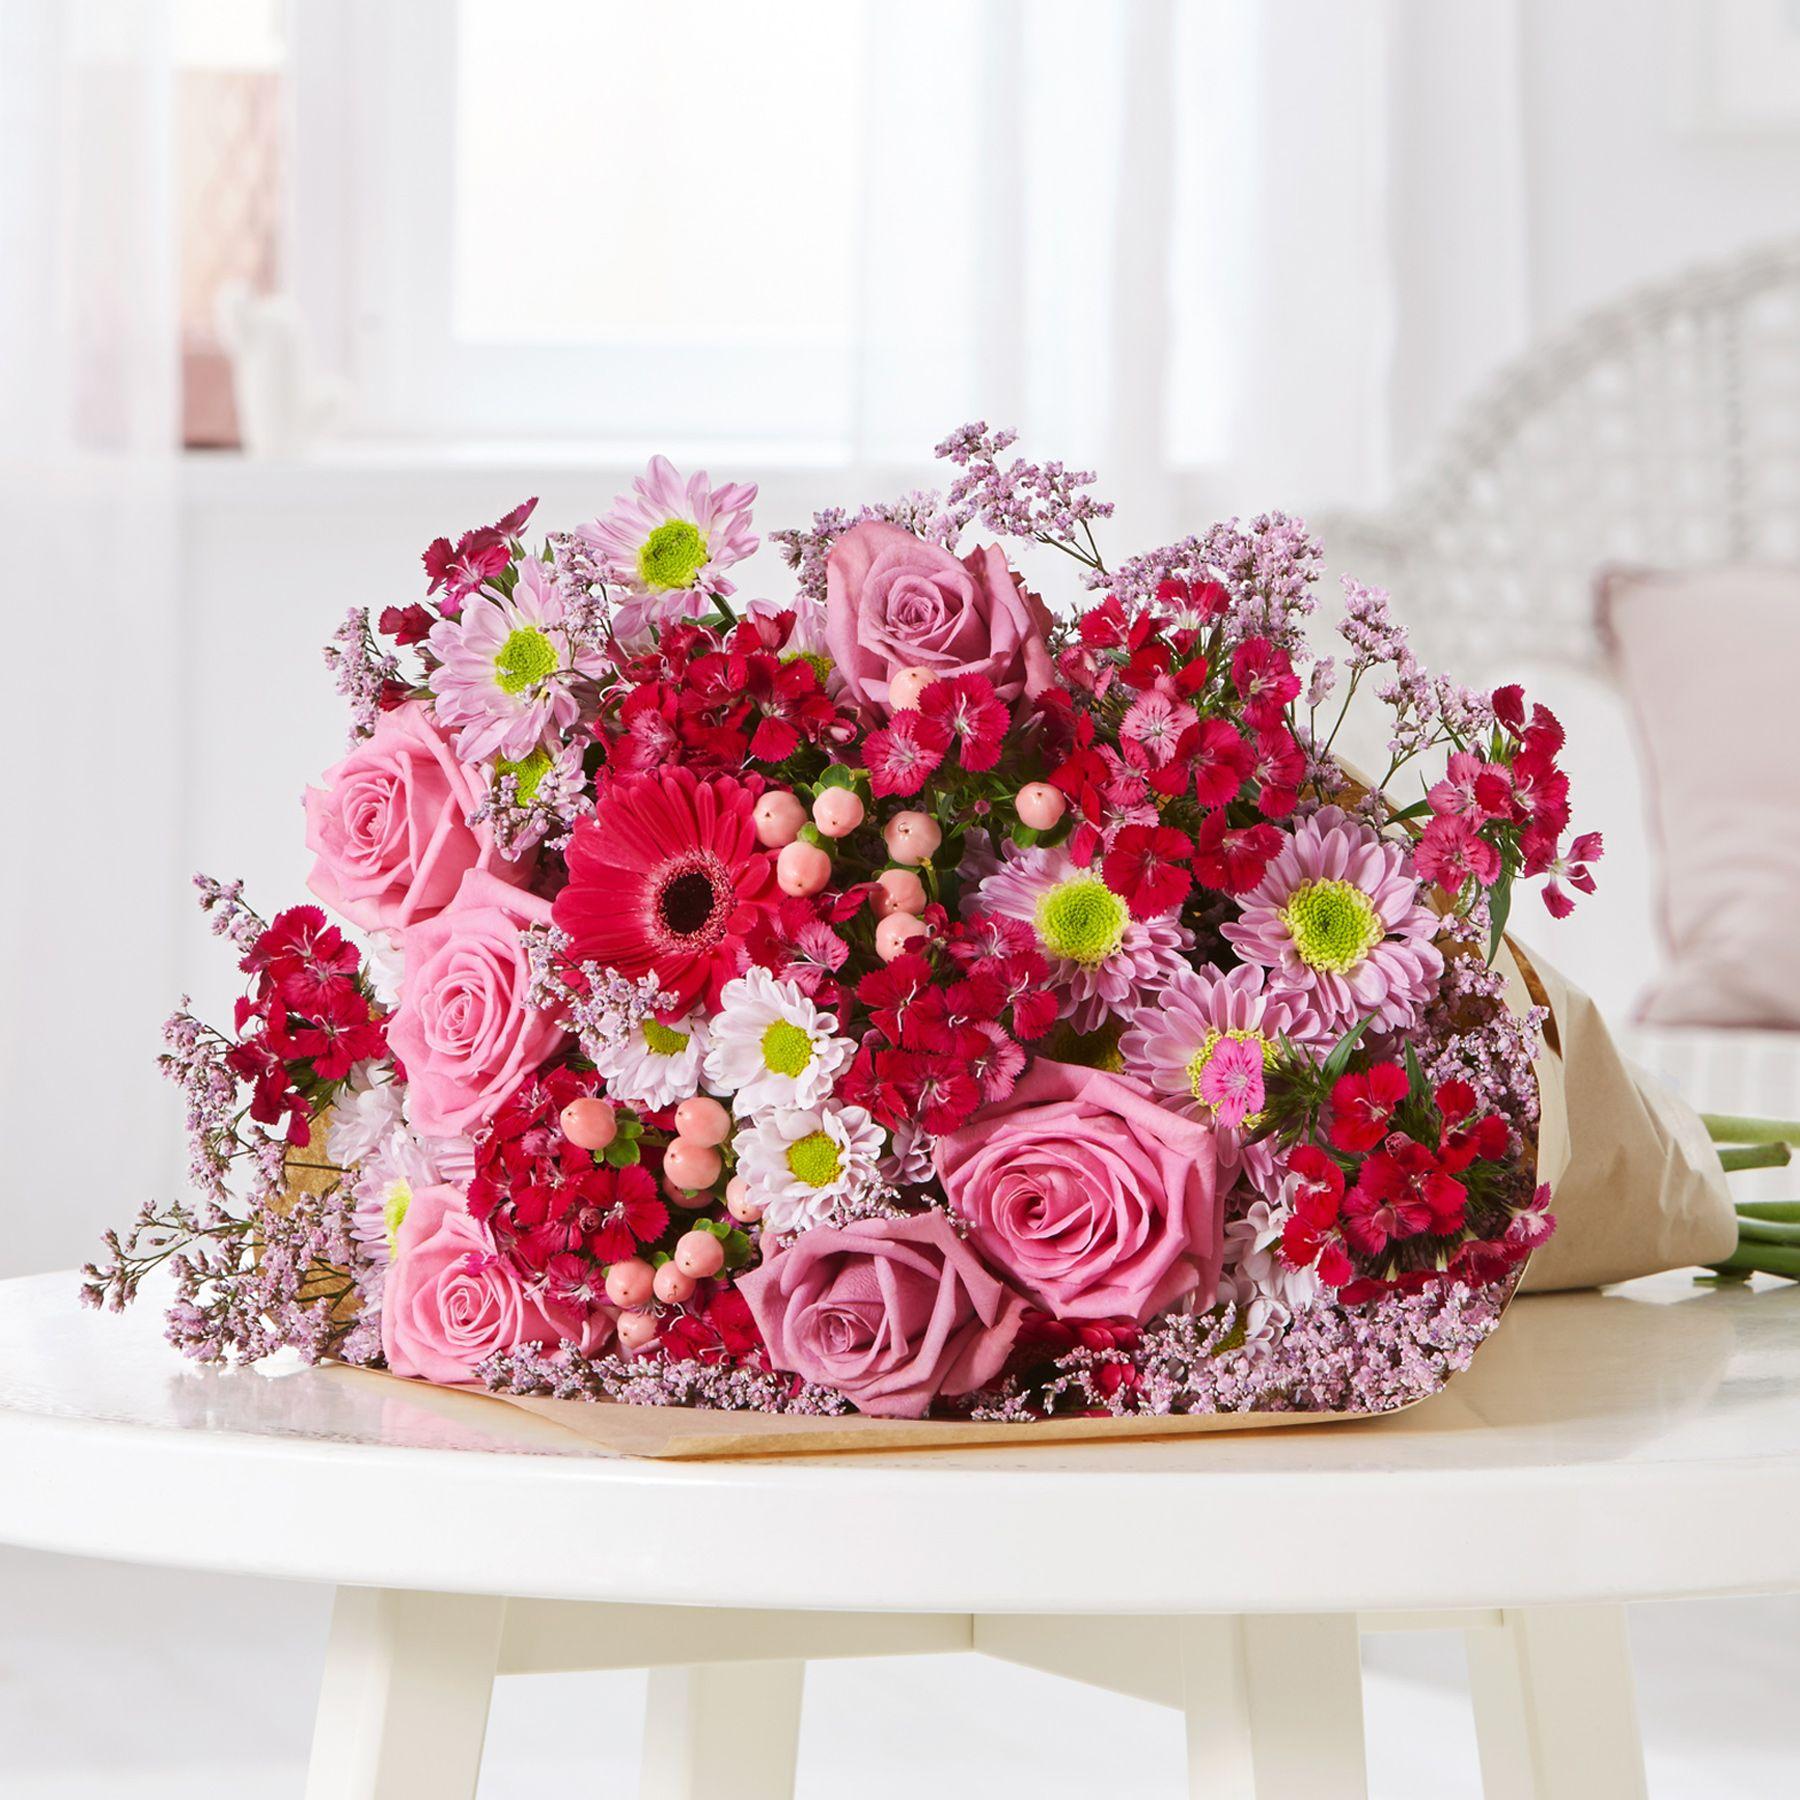 Blumen Zum Muttertag Unser Traumhaftes Bouquet Pretty In Pink Bringt Deine Mama Zum Strahlen Blumen Muttertag Pretty In Pink Blumen